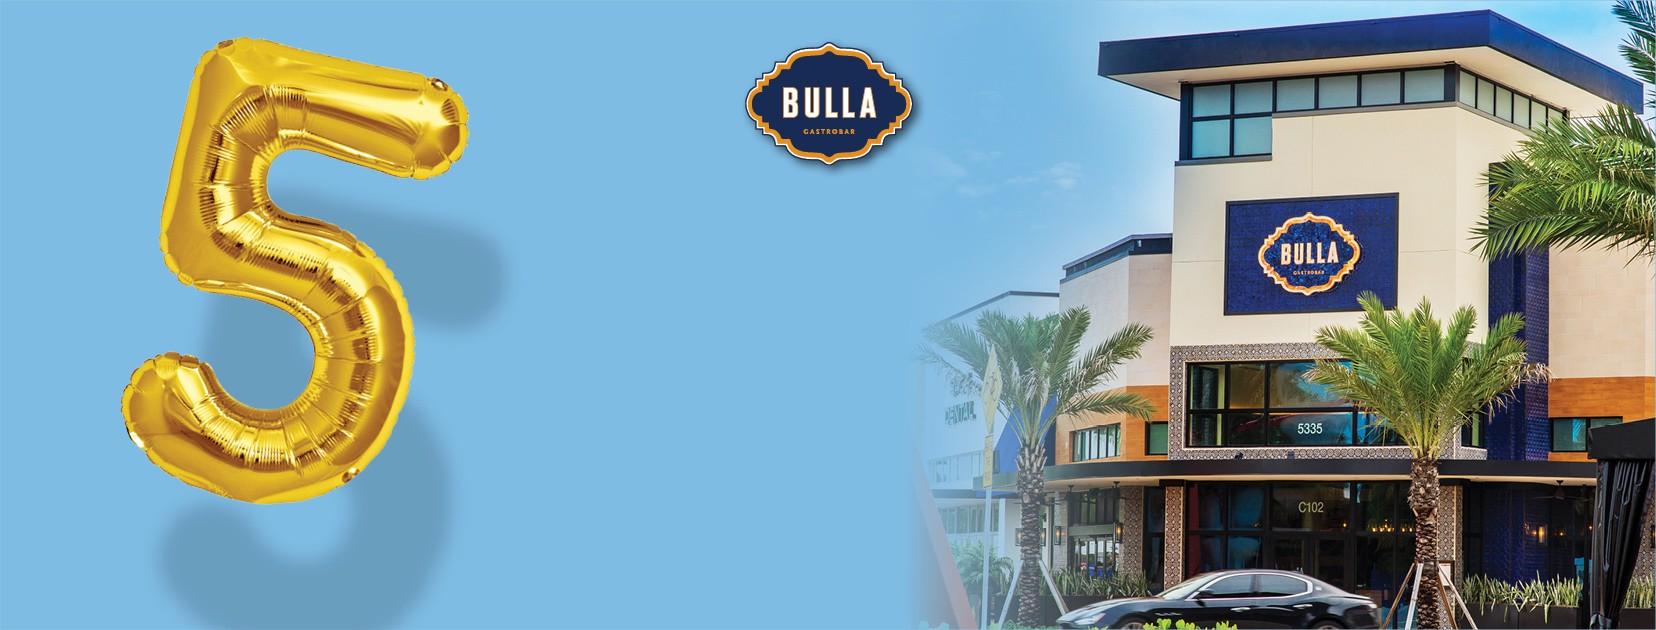 Bulla Doral Fifth Anniversary